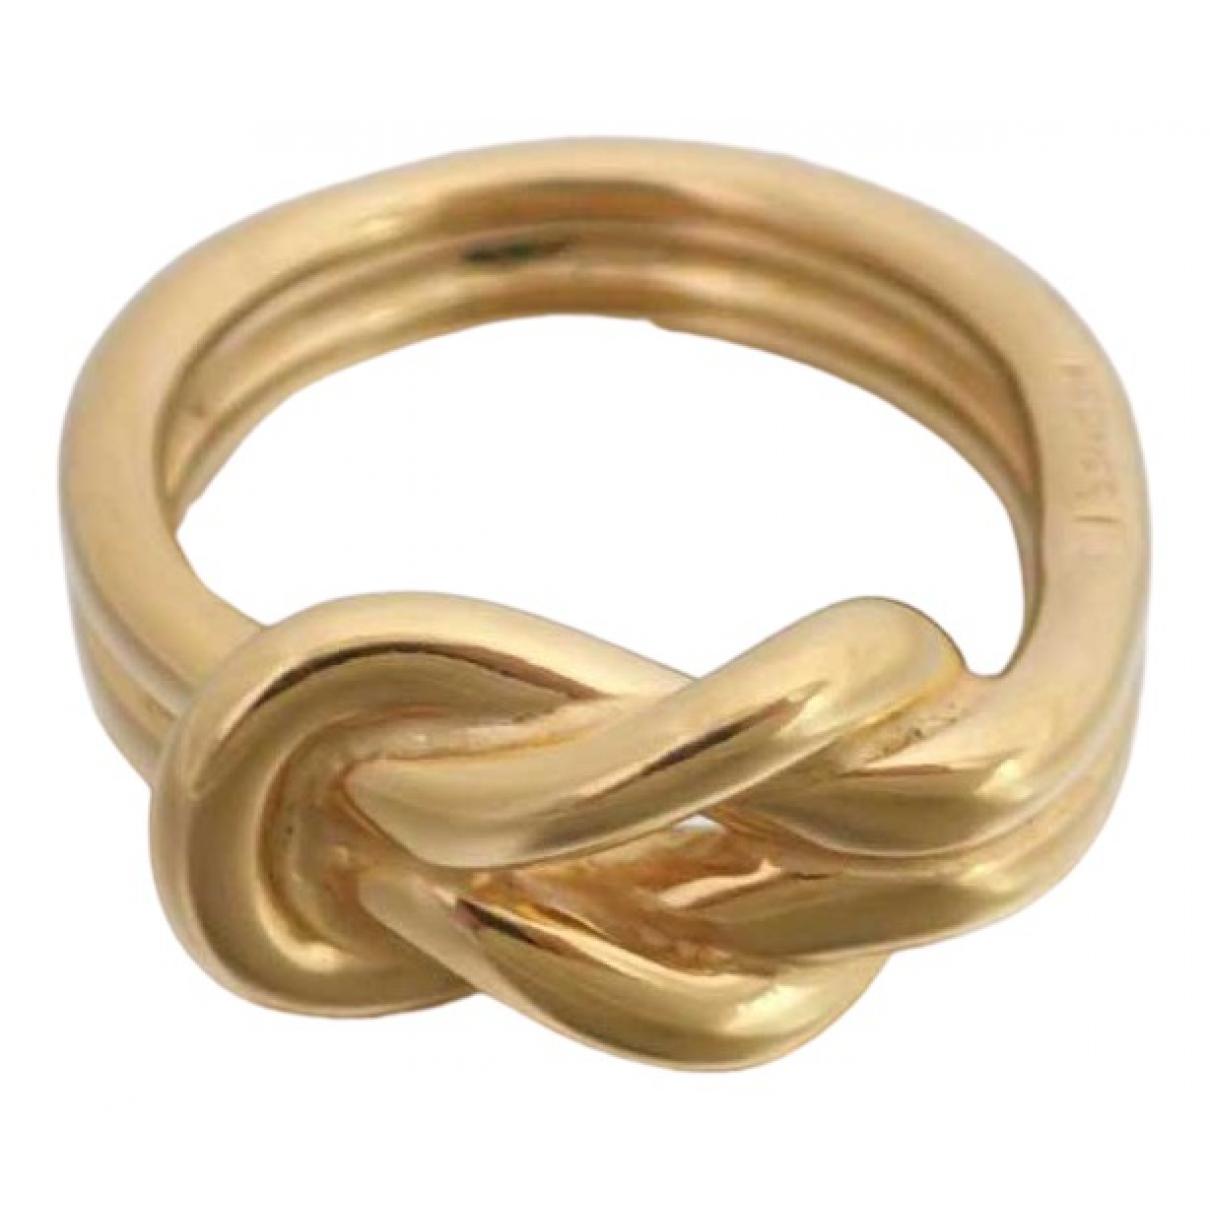 Hermès \N Gold Metal ring for Women 10 ¼ US